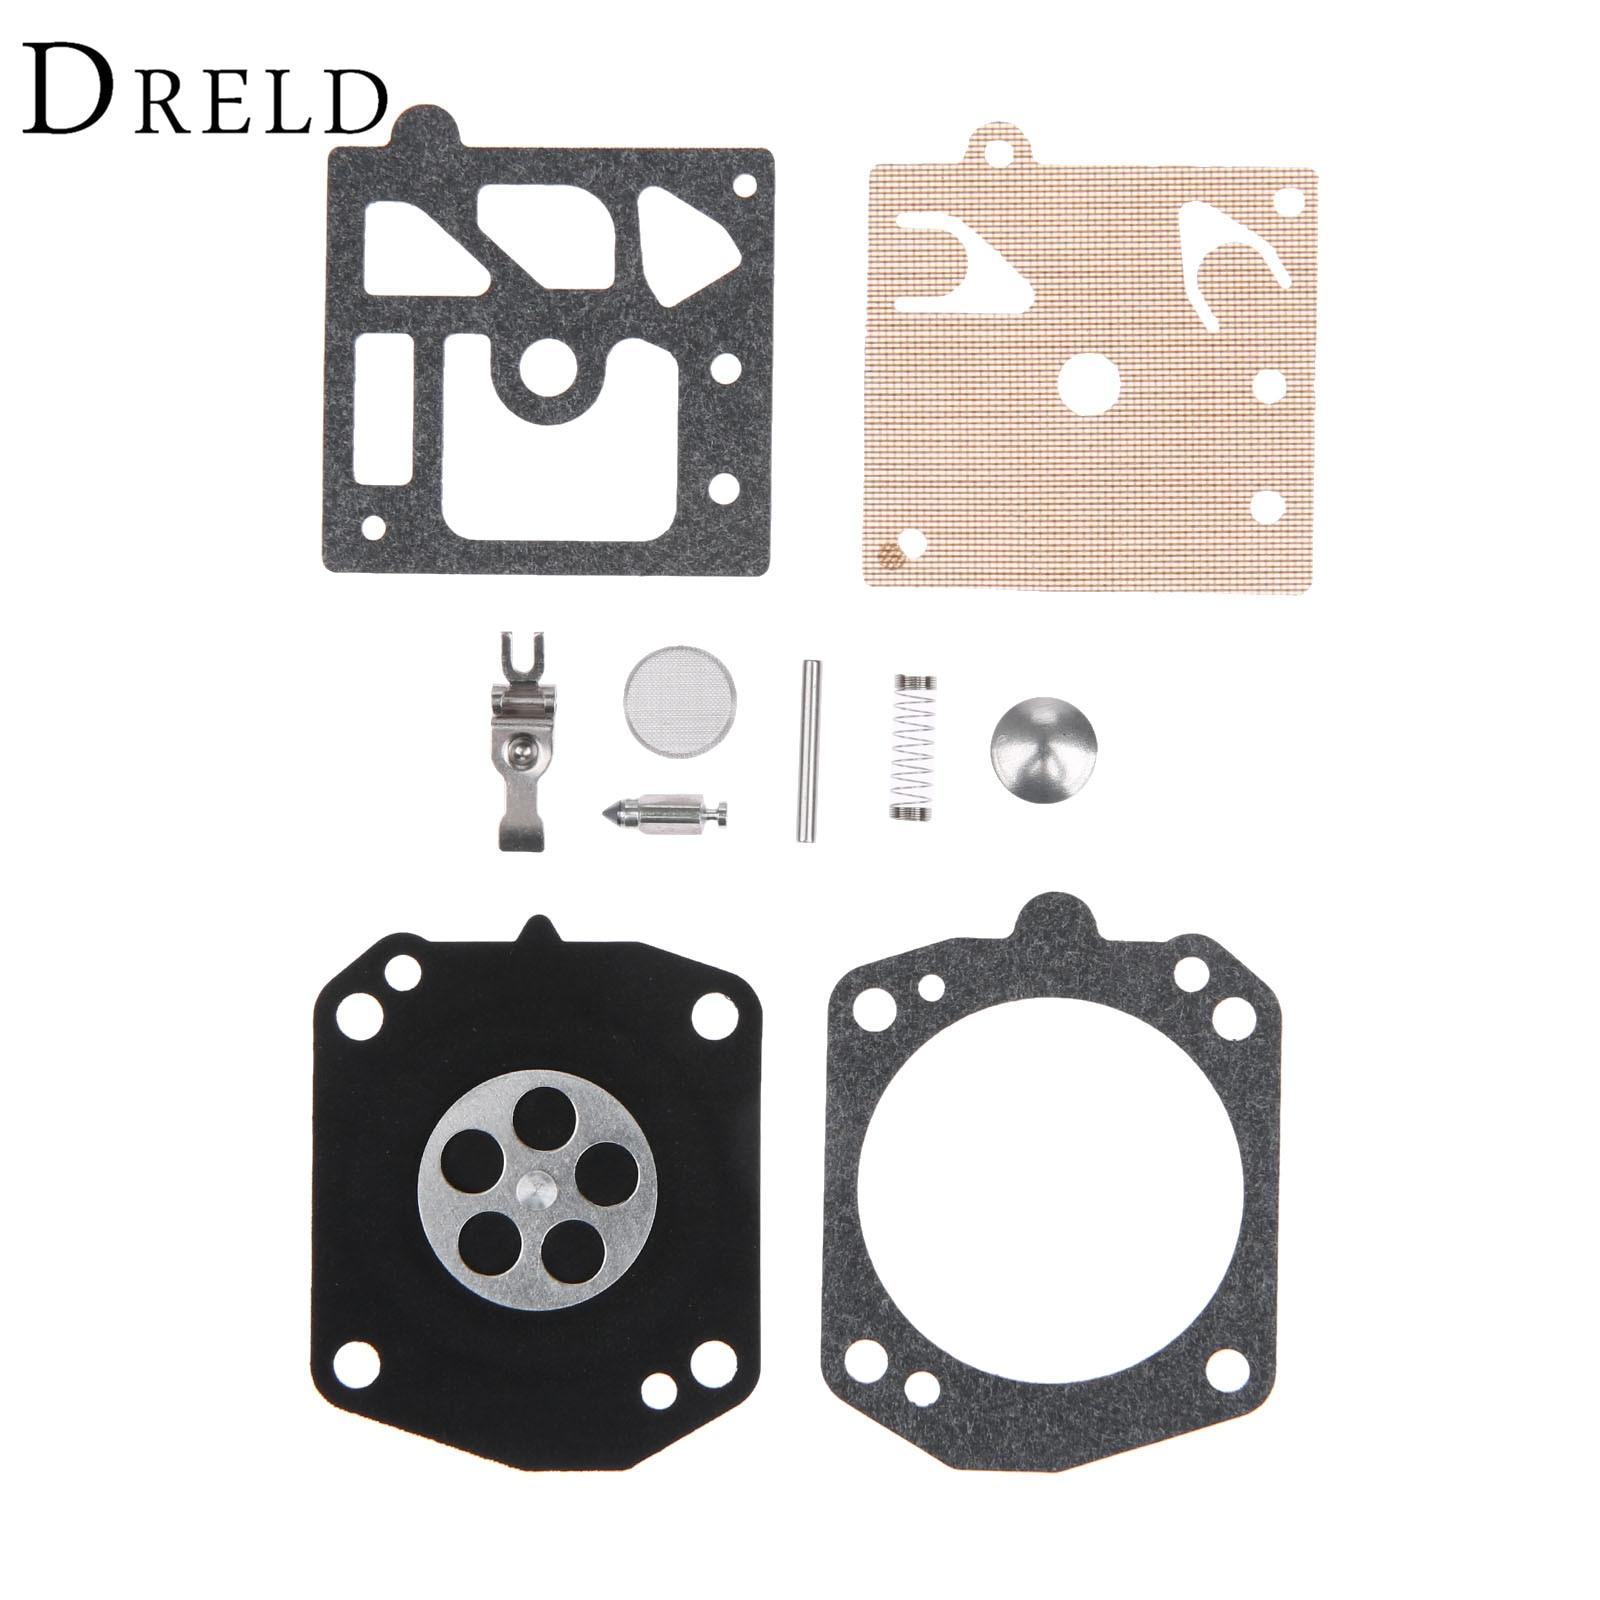 DRELD K10-HD Carburetor Carb Repair Rebuild Kit For Stihl Walbro 029 310 044 046 MS270 MS280 MS290 MS290 MS341 MS361 Chainsaw